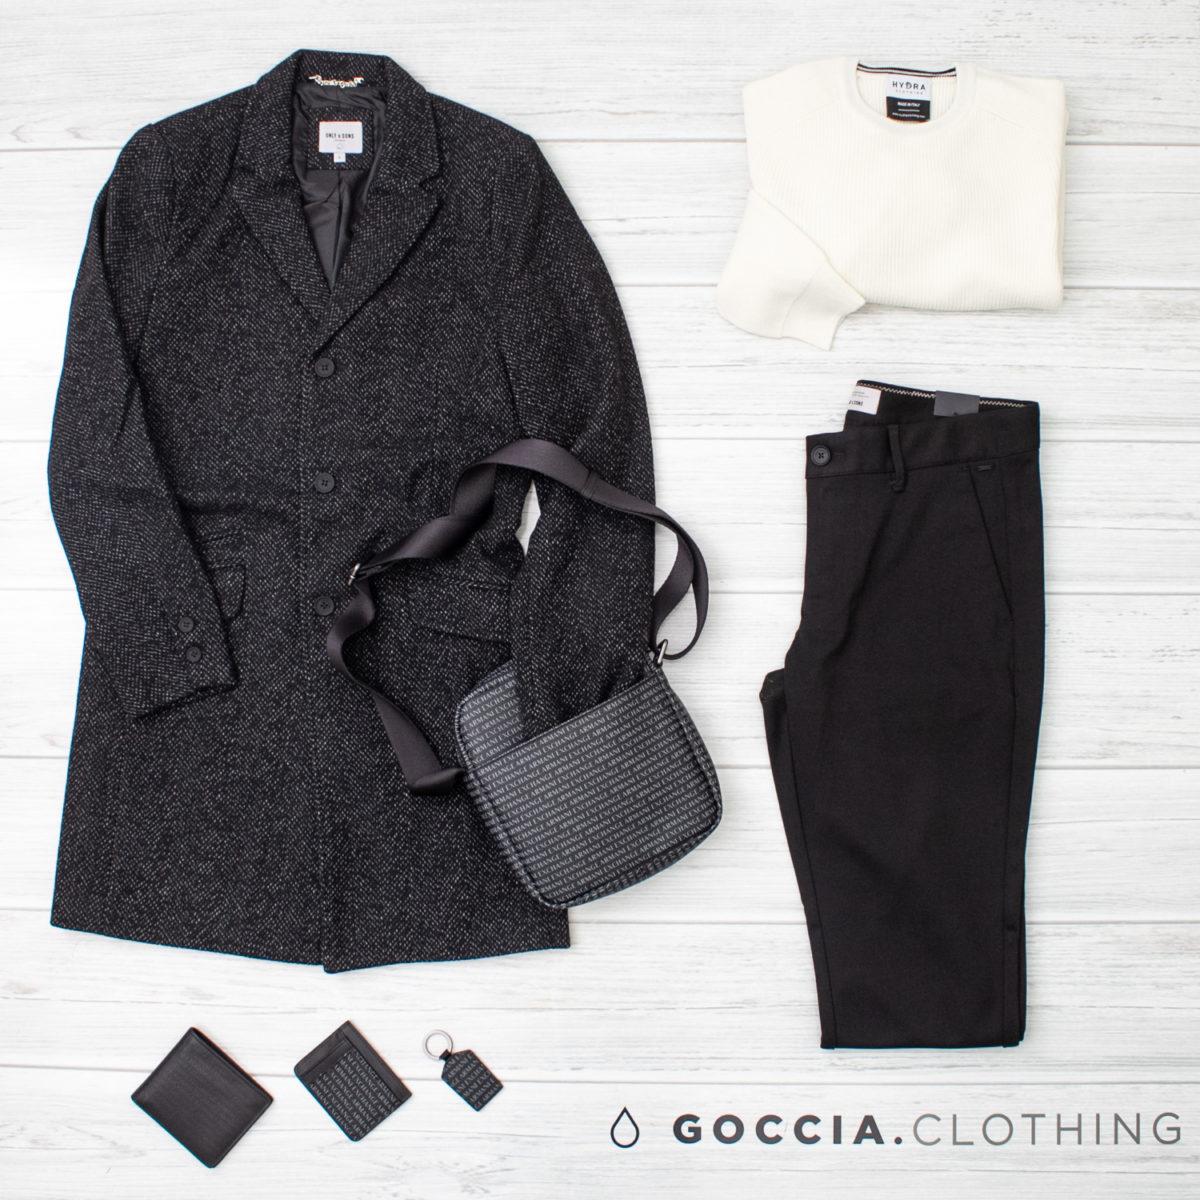 Goccia Clothing moda uomo autunno inverno 1